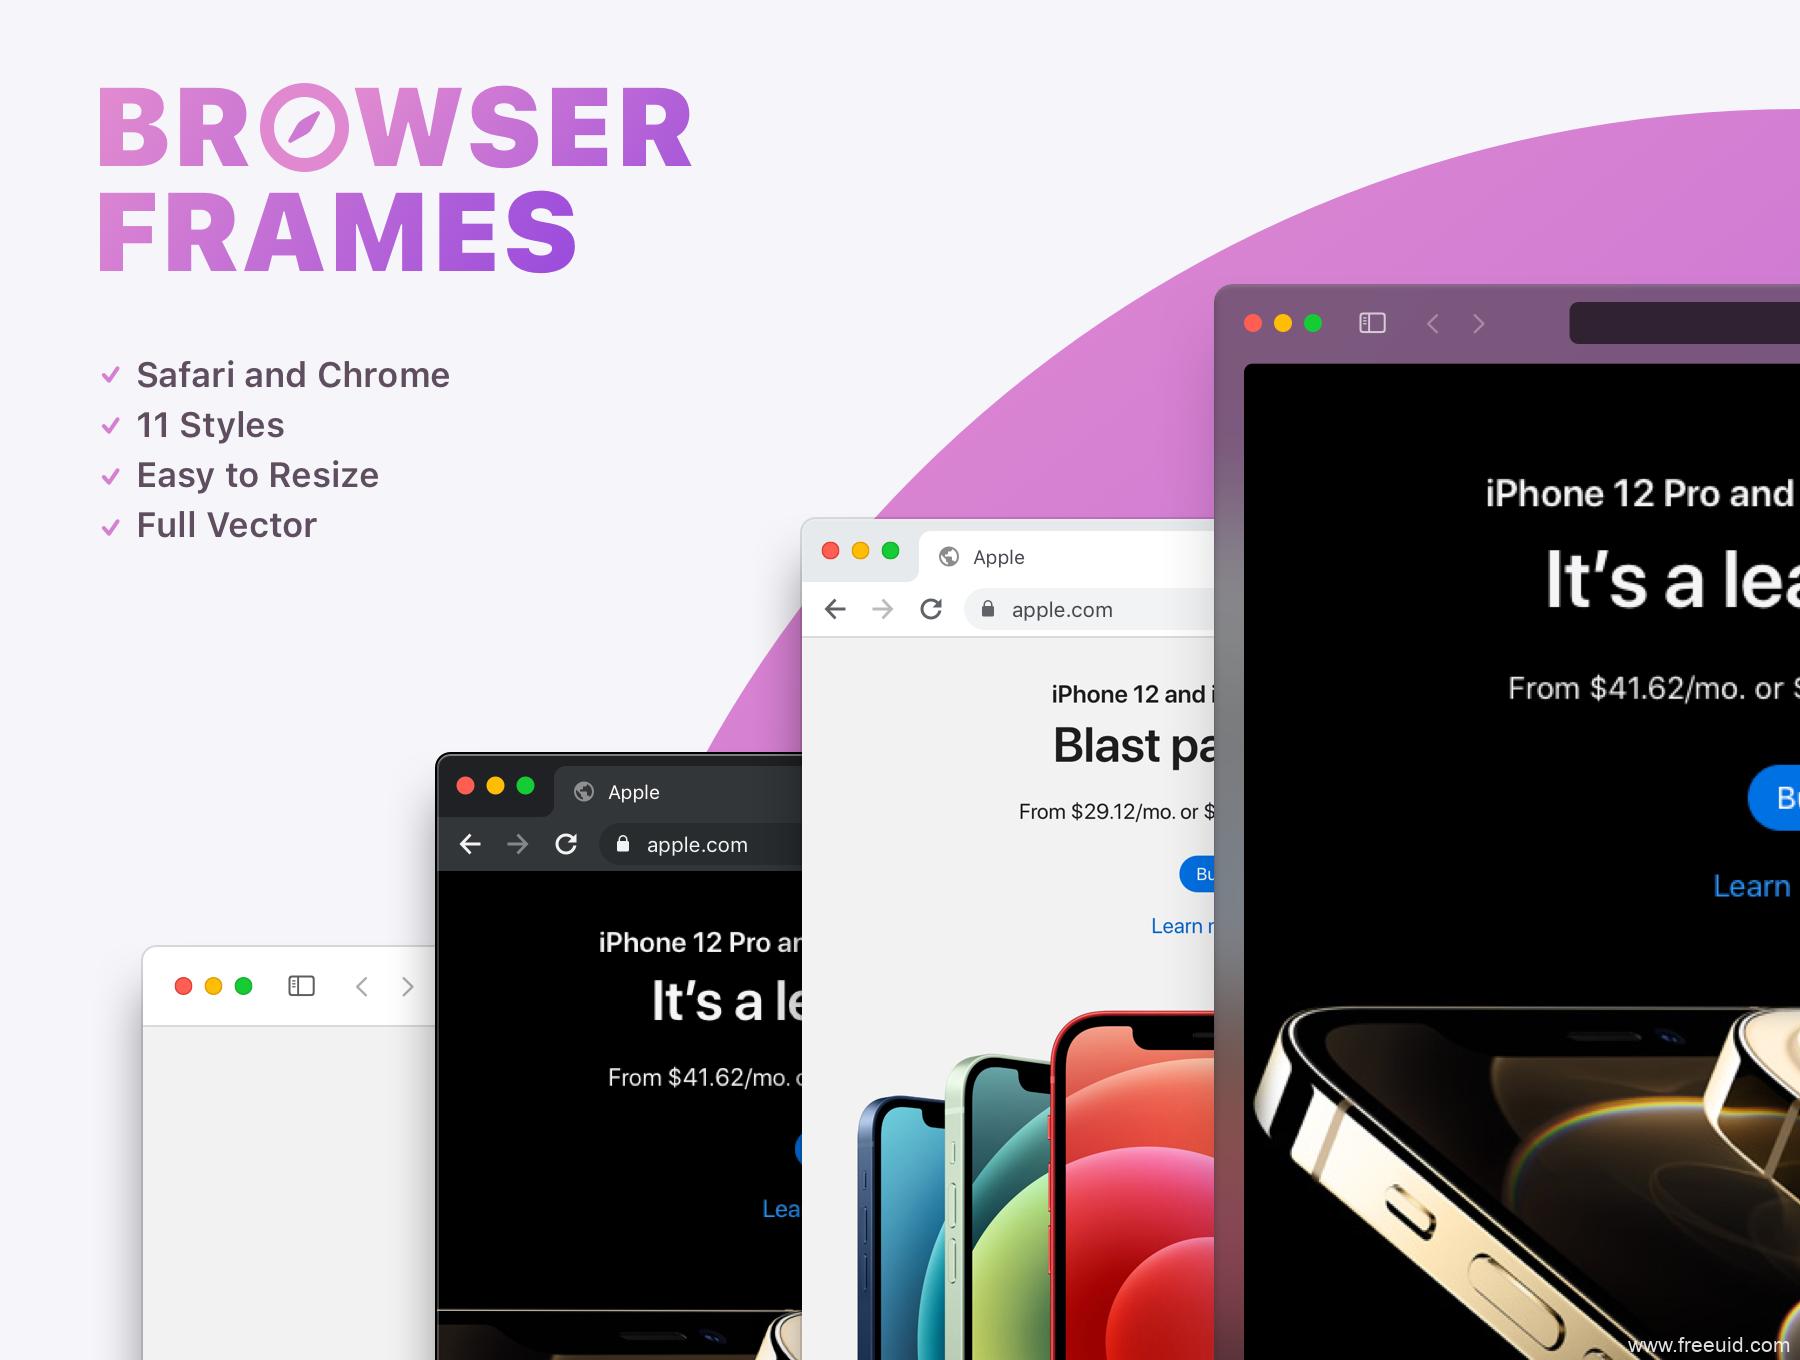 最新网页浏览器样机mockup(figma源文件)Safari 和 Chrome浏览器框架网页展示样机